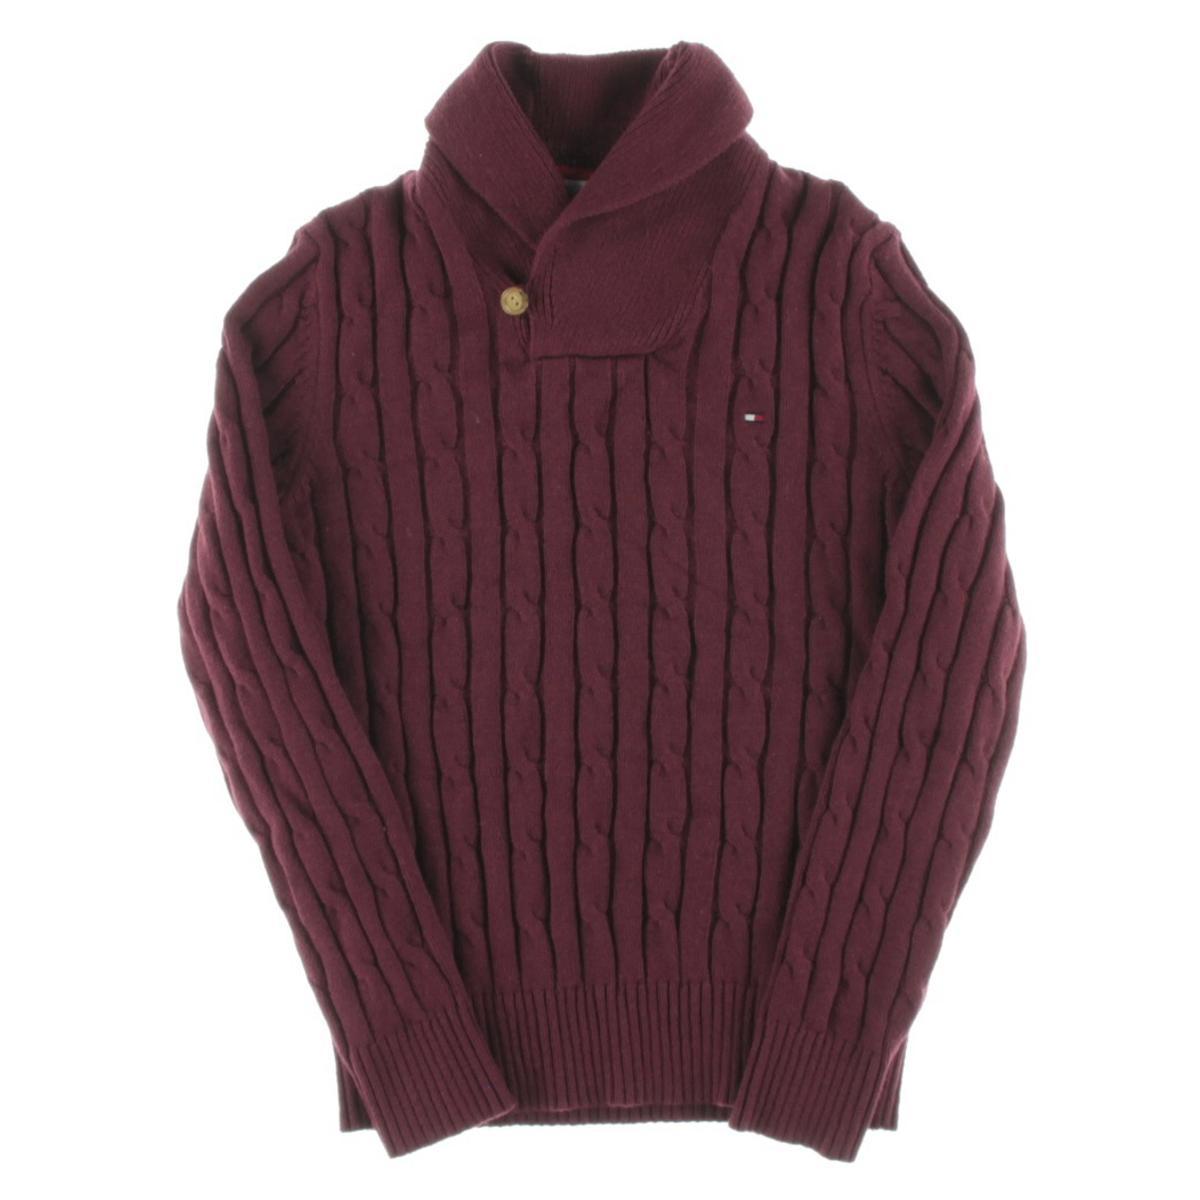 tommy hilfiger 8228 mens cable knit wool blend pullover. Black Bedroom Furniture Sets. Home Design Ideas